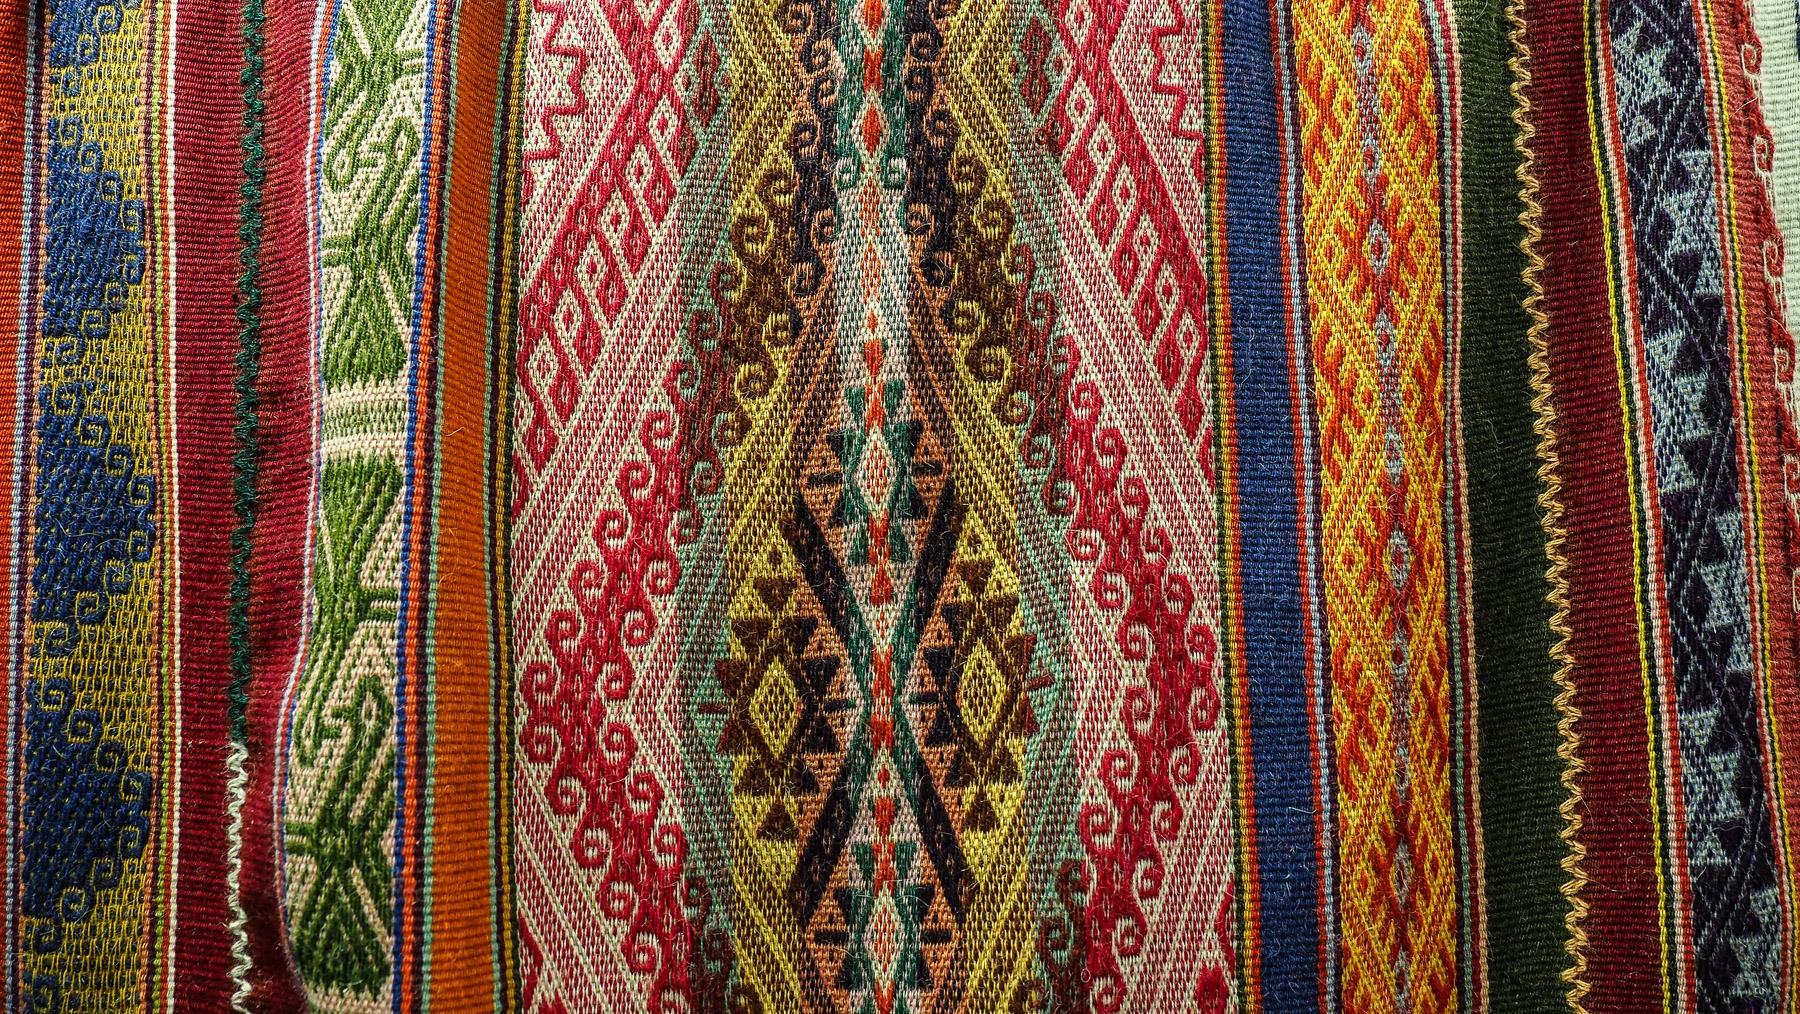 Schöne Muster und Farben